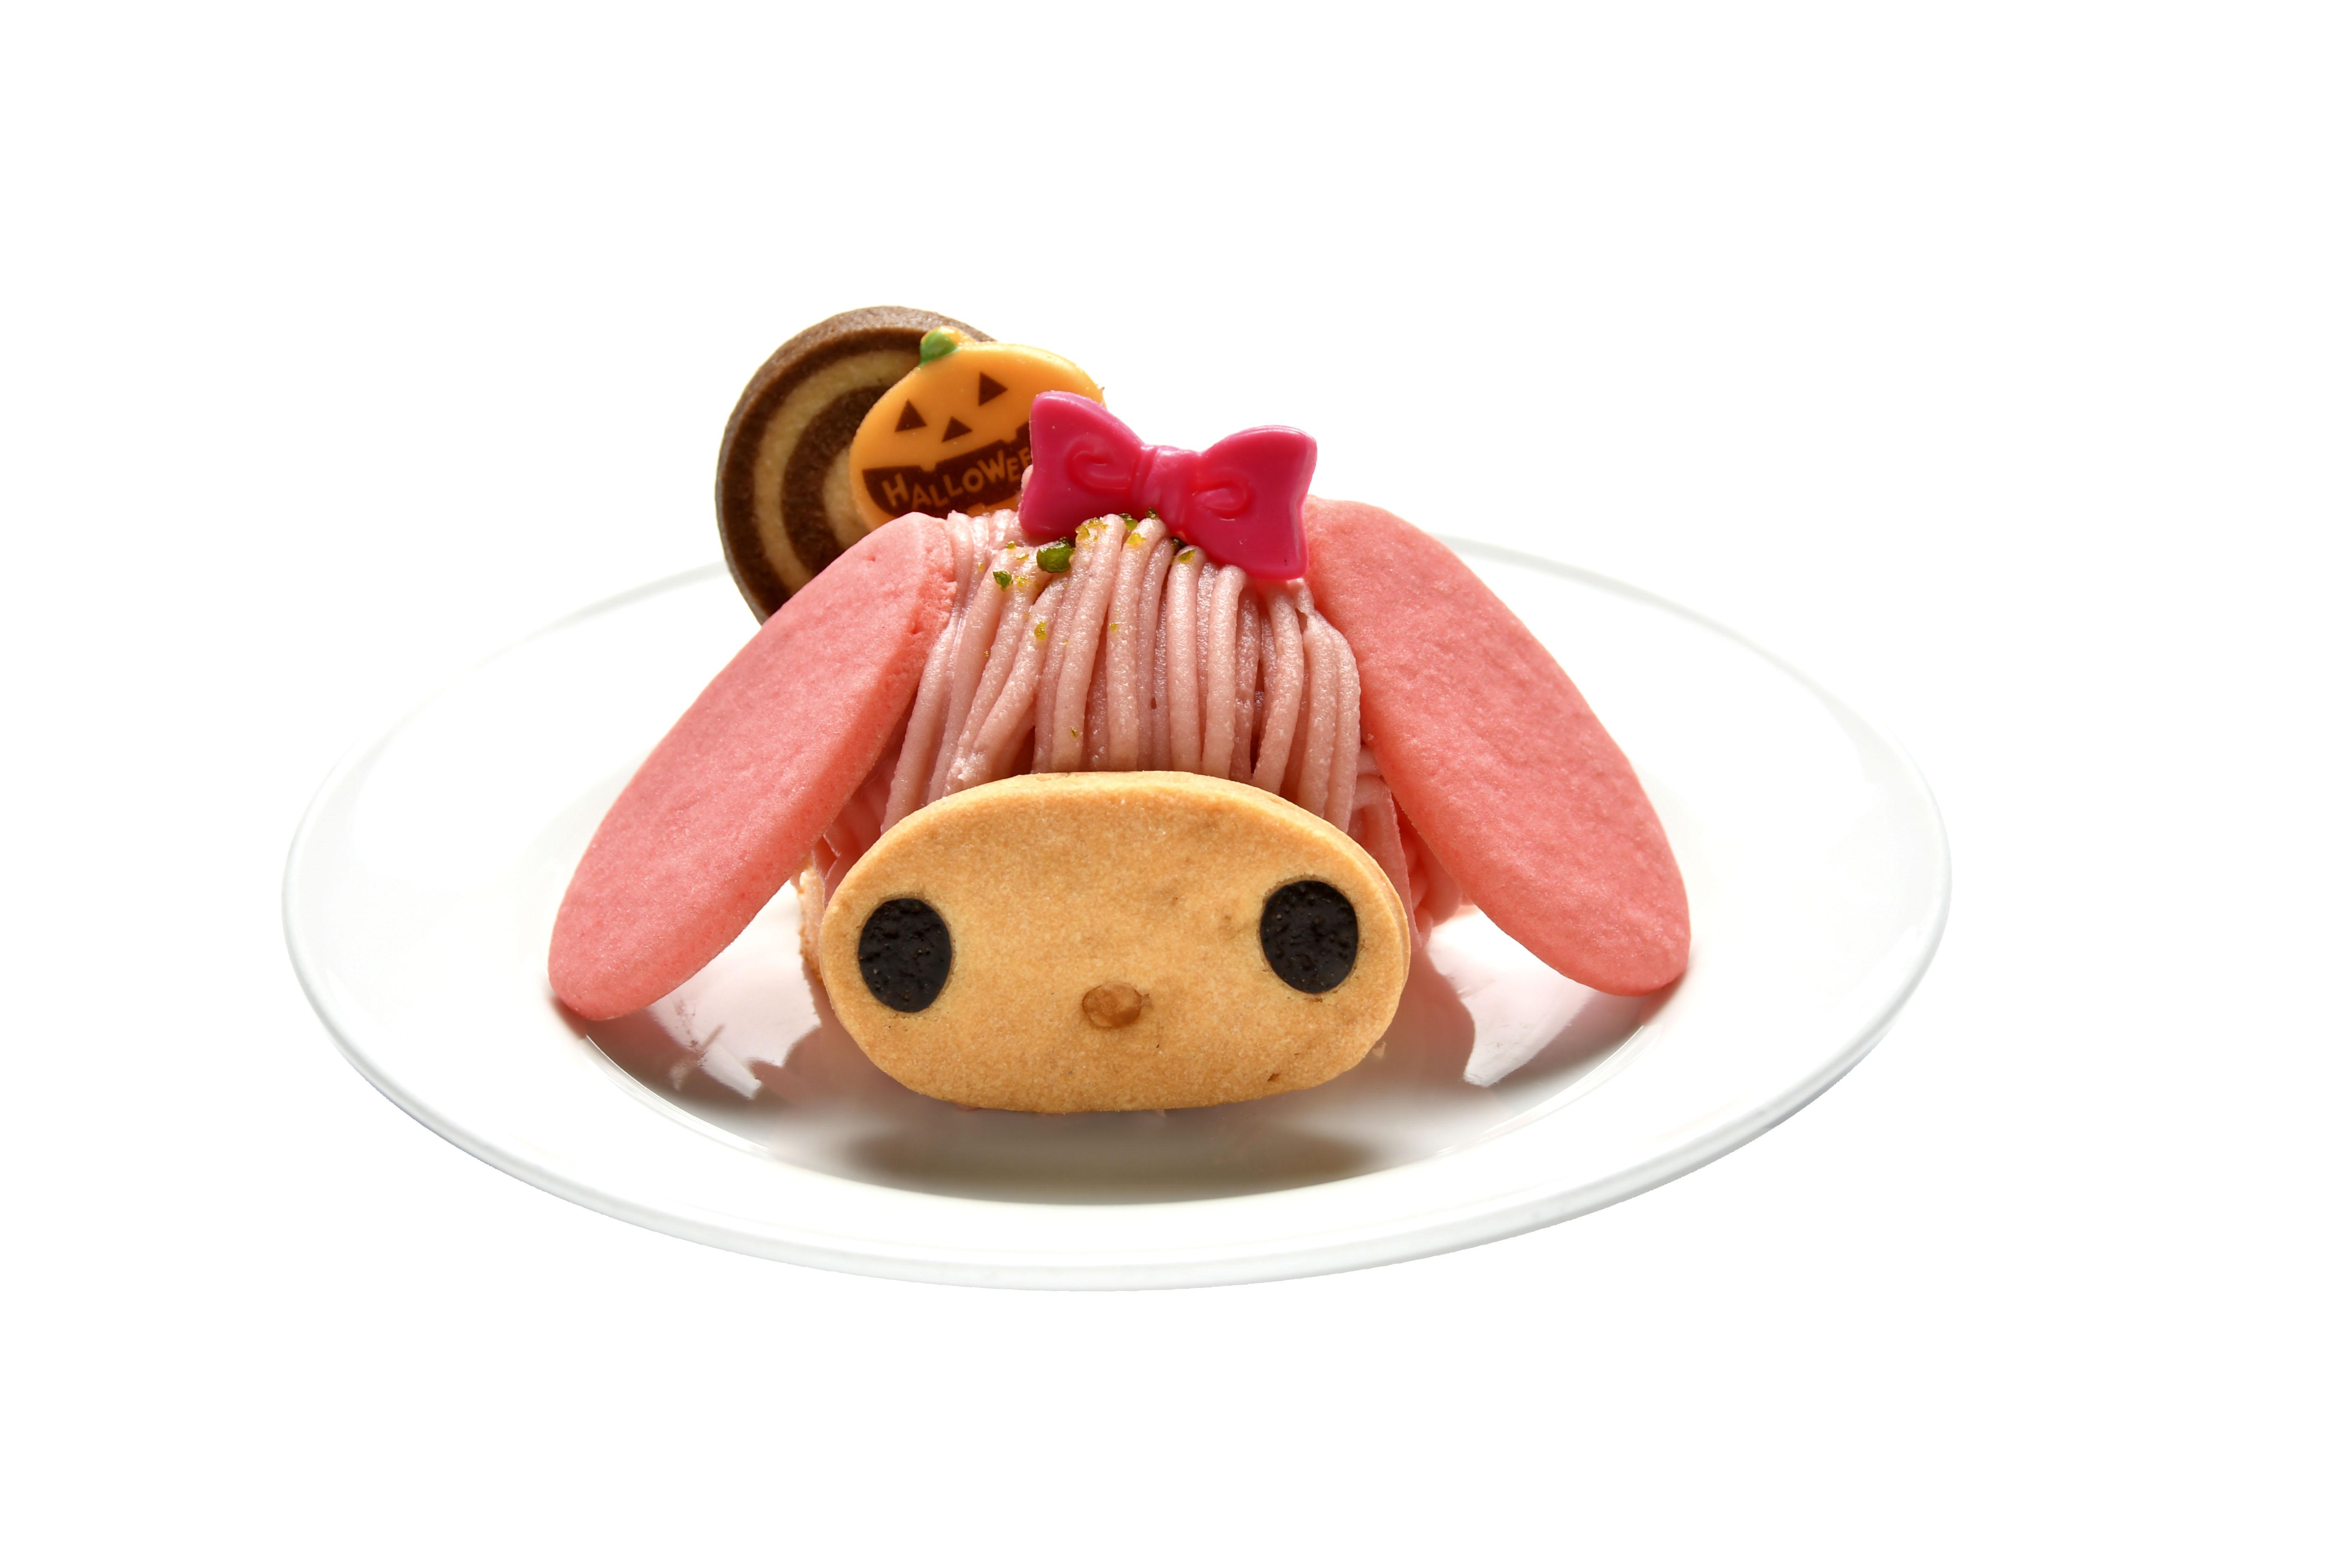 ハロウィーン限定マイメロディモンブラン(あまおう苺味、650円)